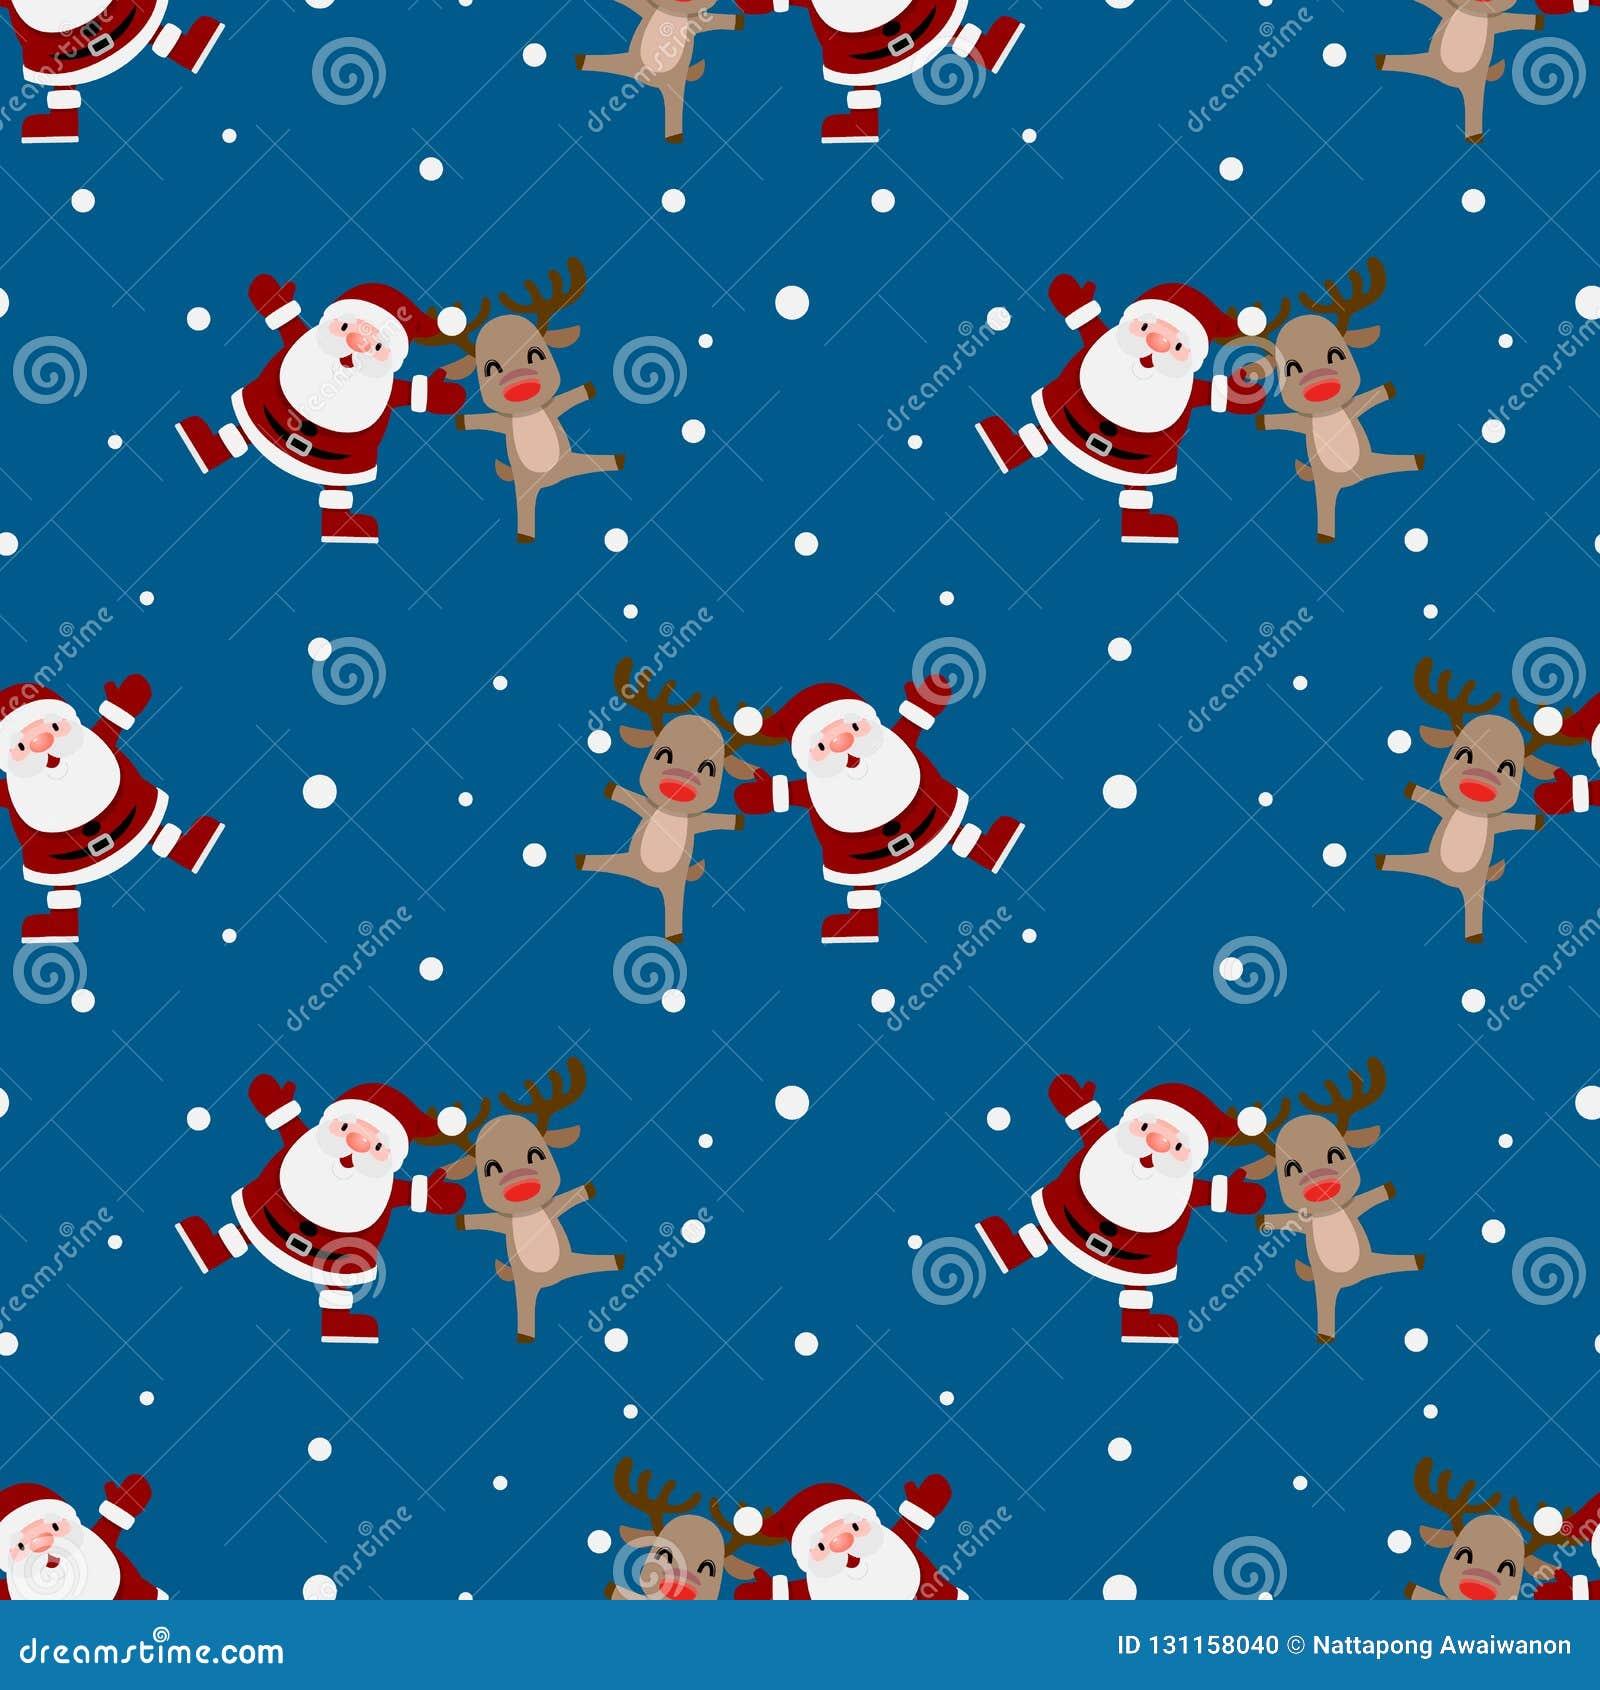 Nahtloses Muster von Weihnachten Weihnachtsmann und von Rudolph-Ren wiederholbar, ununterbrochener Hintergrund für Feiertagsfeier